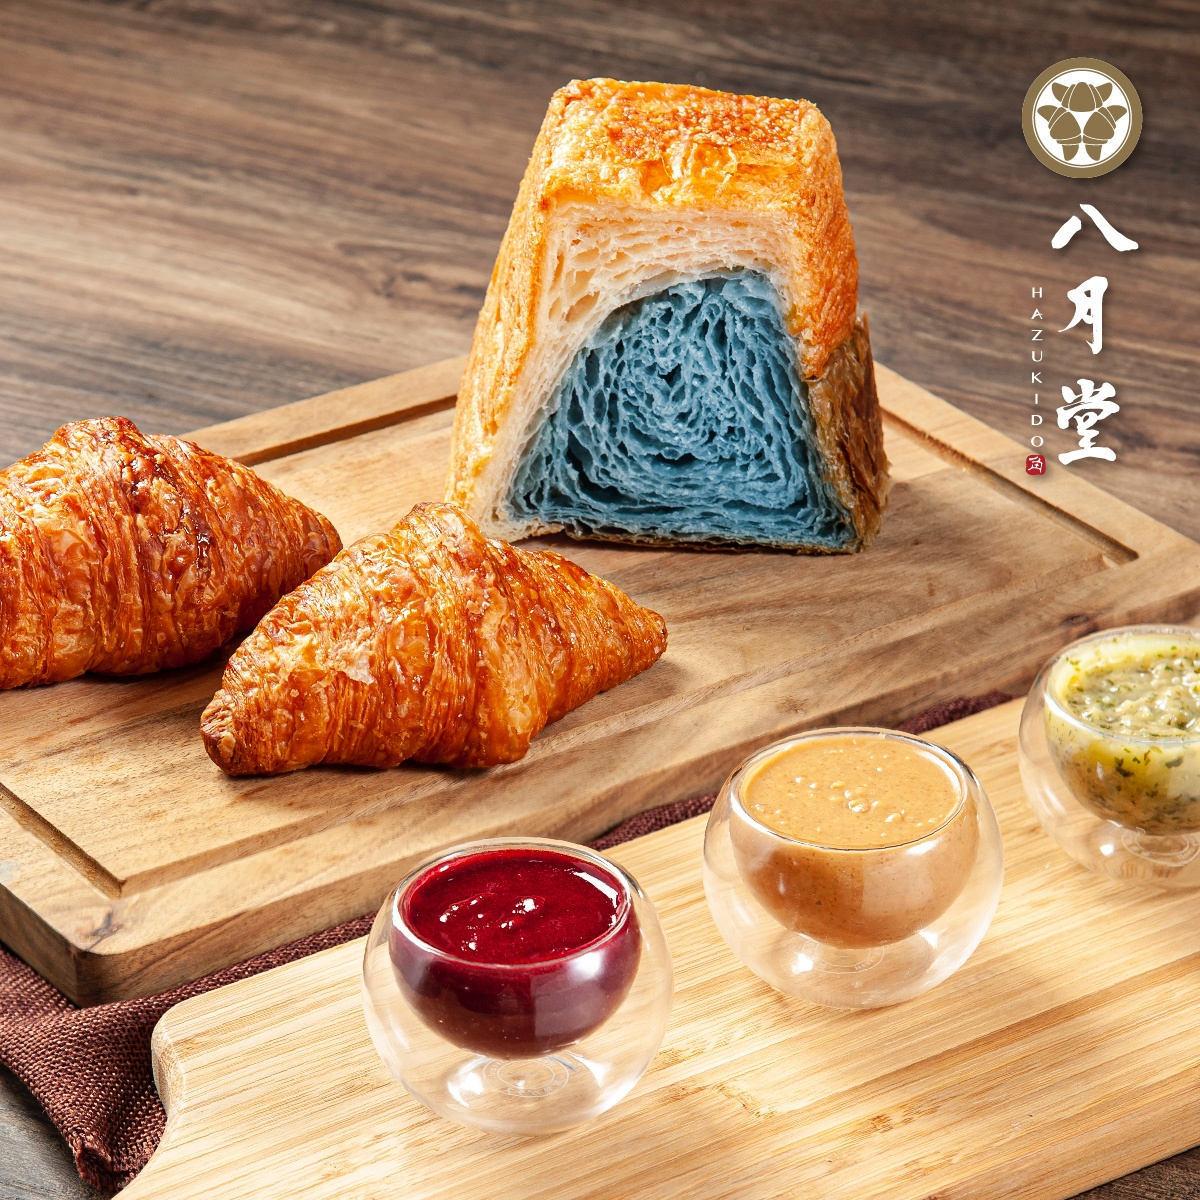 「富士山」化身吐司!八月堂「河口湖山形吐司」夢幻開賣,外酥內軟+濃郁奶香太欠吃